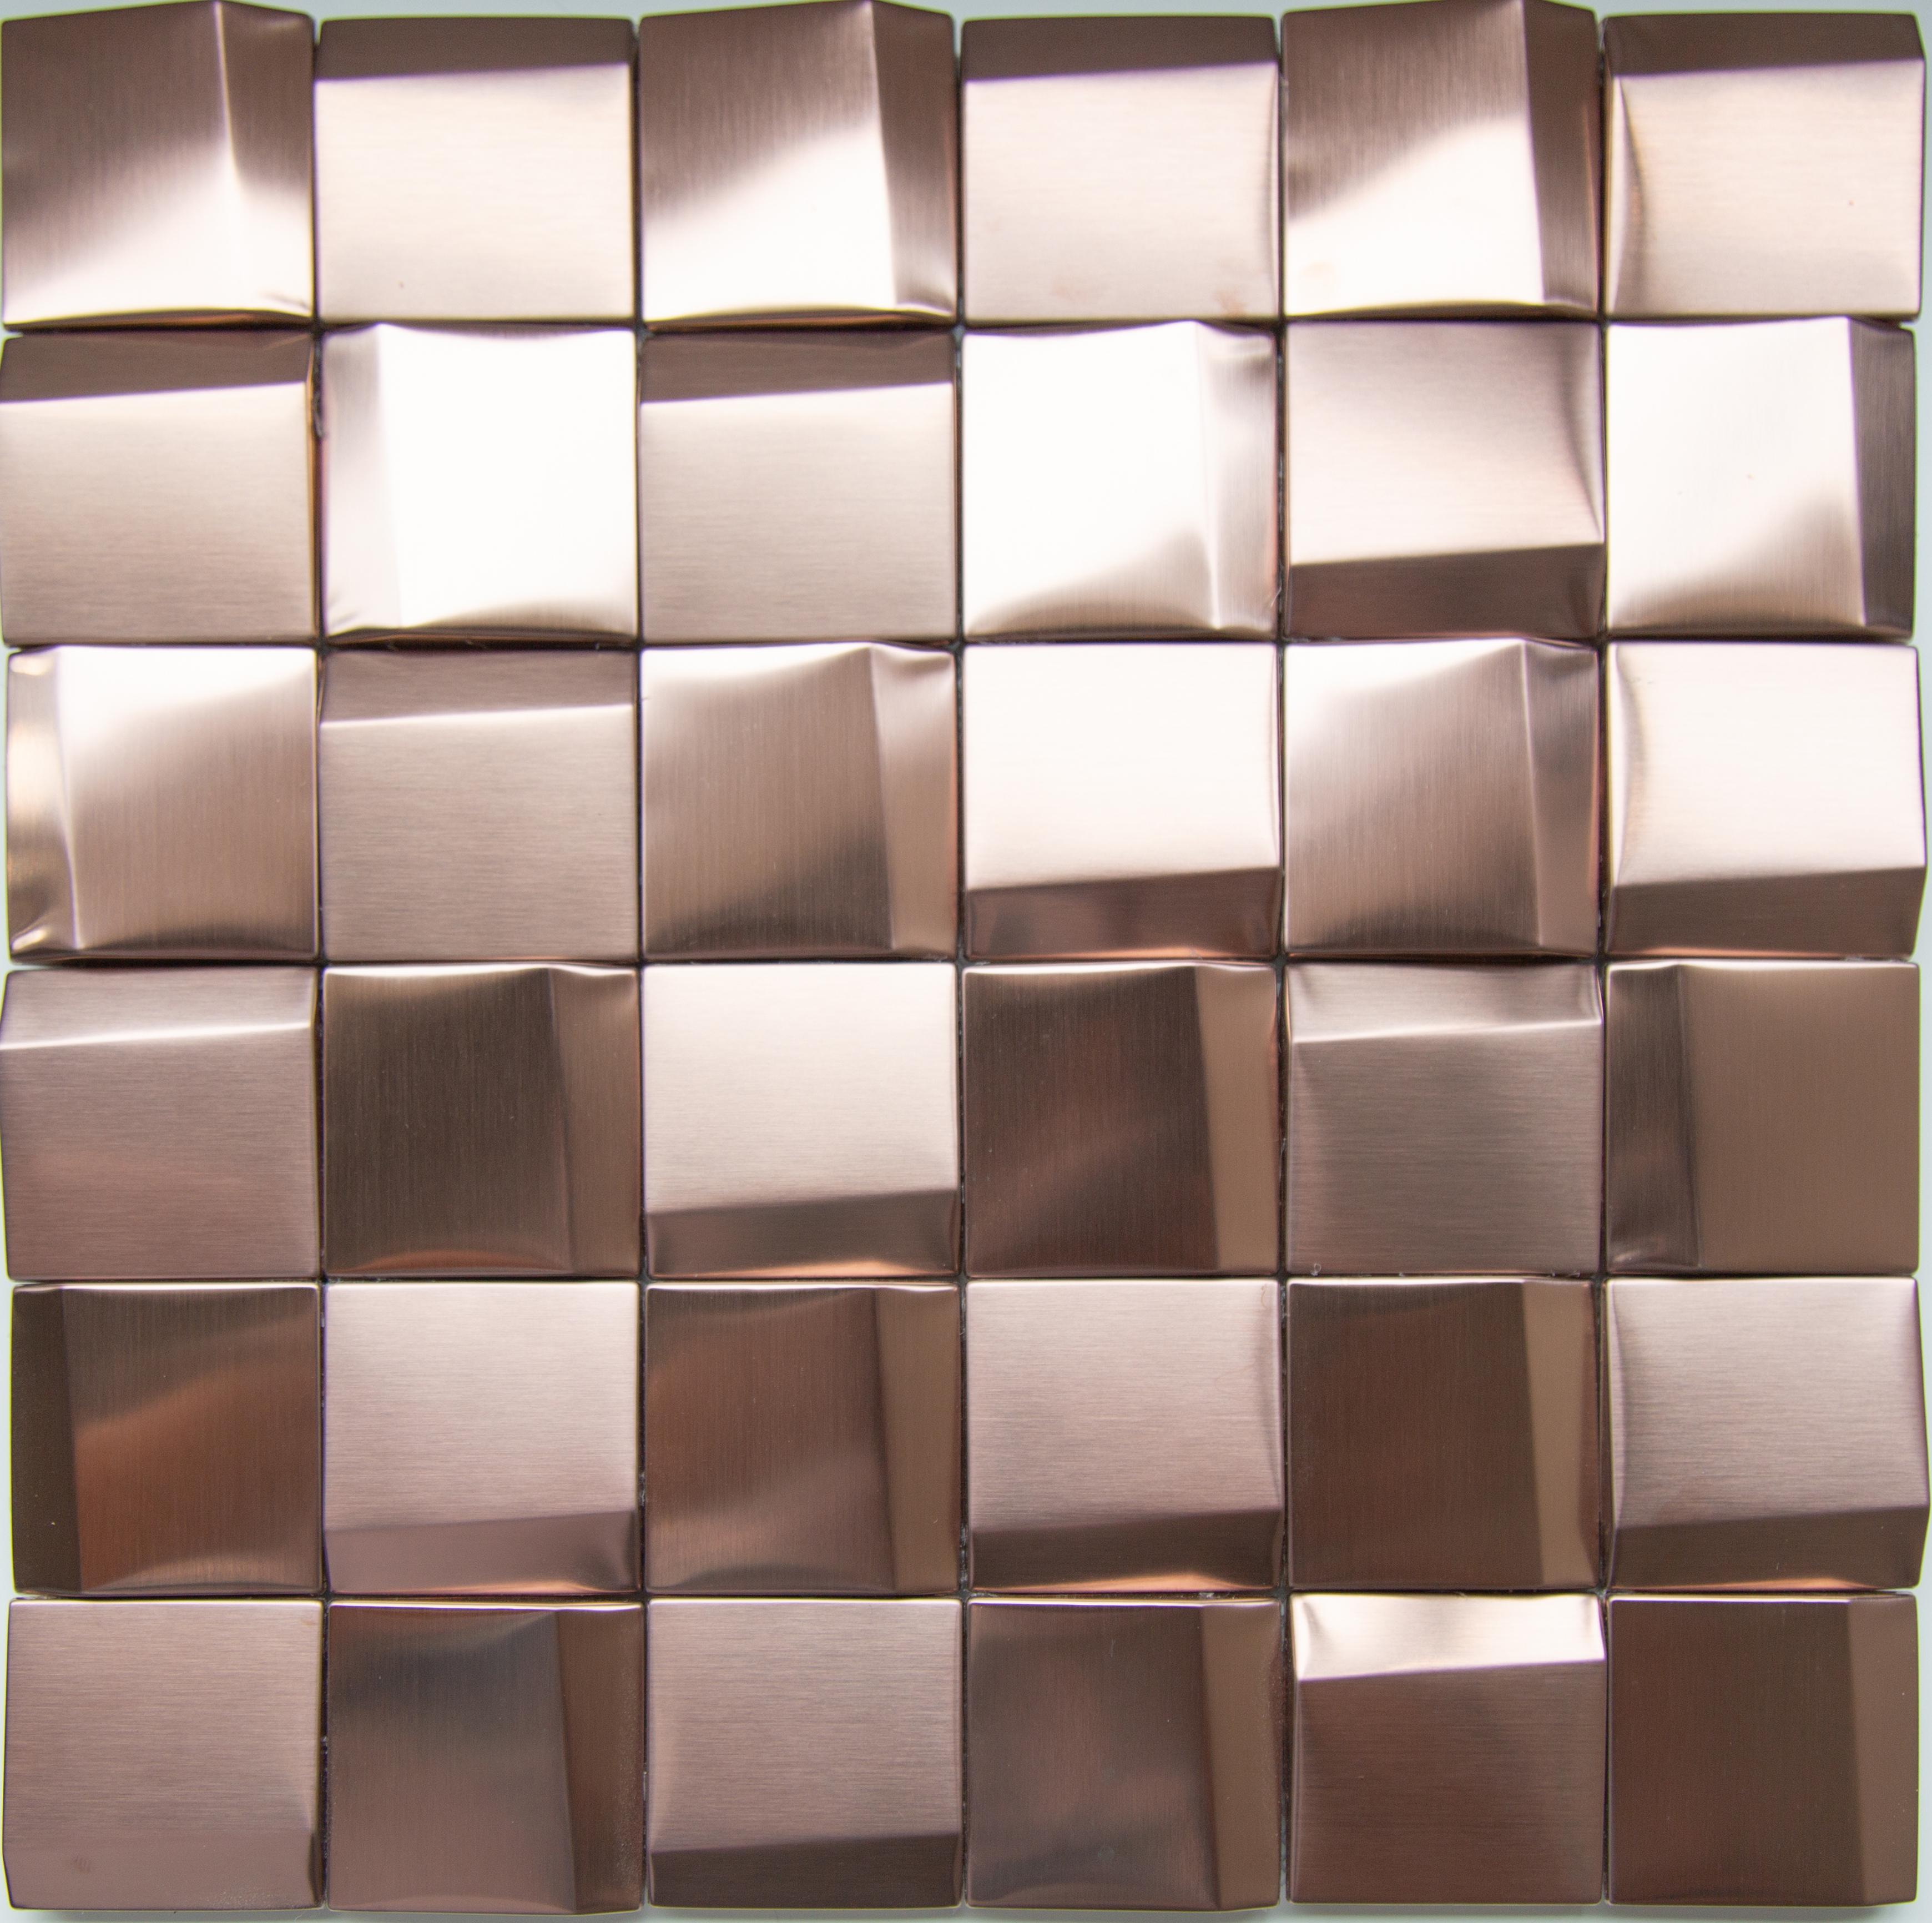 3d Cubic Rose Gold Decorative Stainless Steel Mosaic Tile Backsplash Design